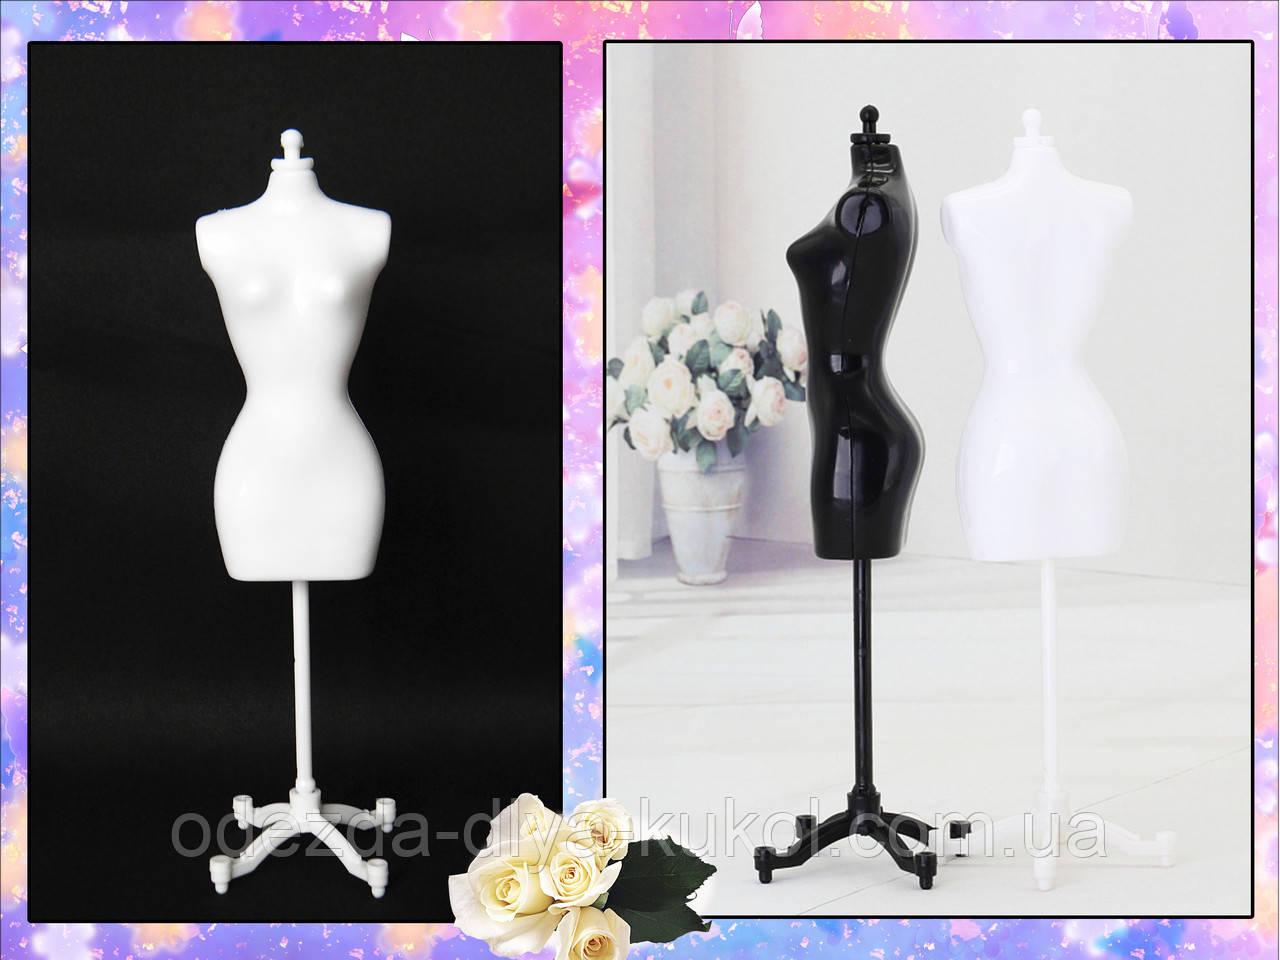 Манекен для кукольной одежды (белый)